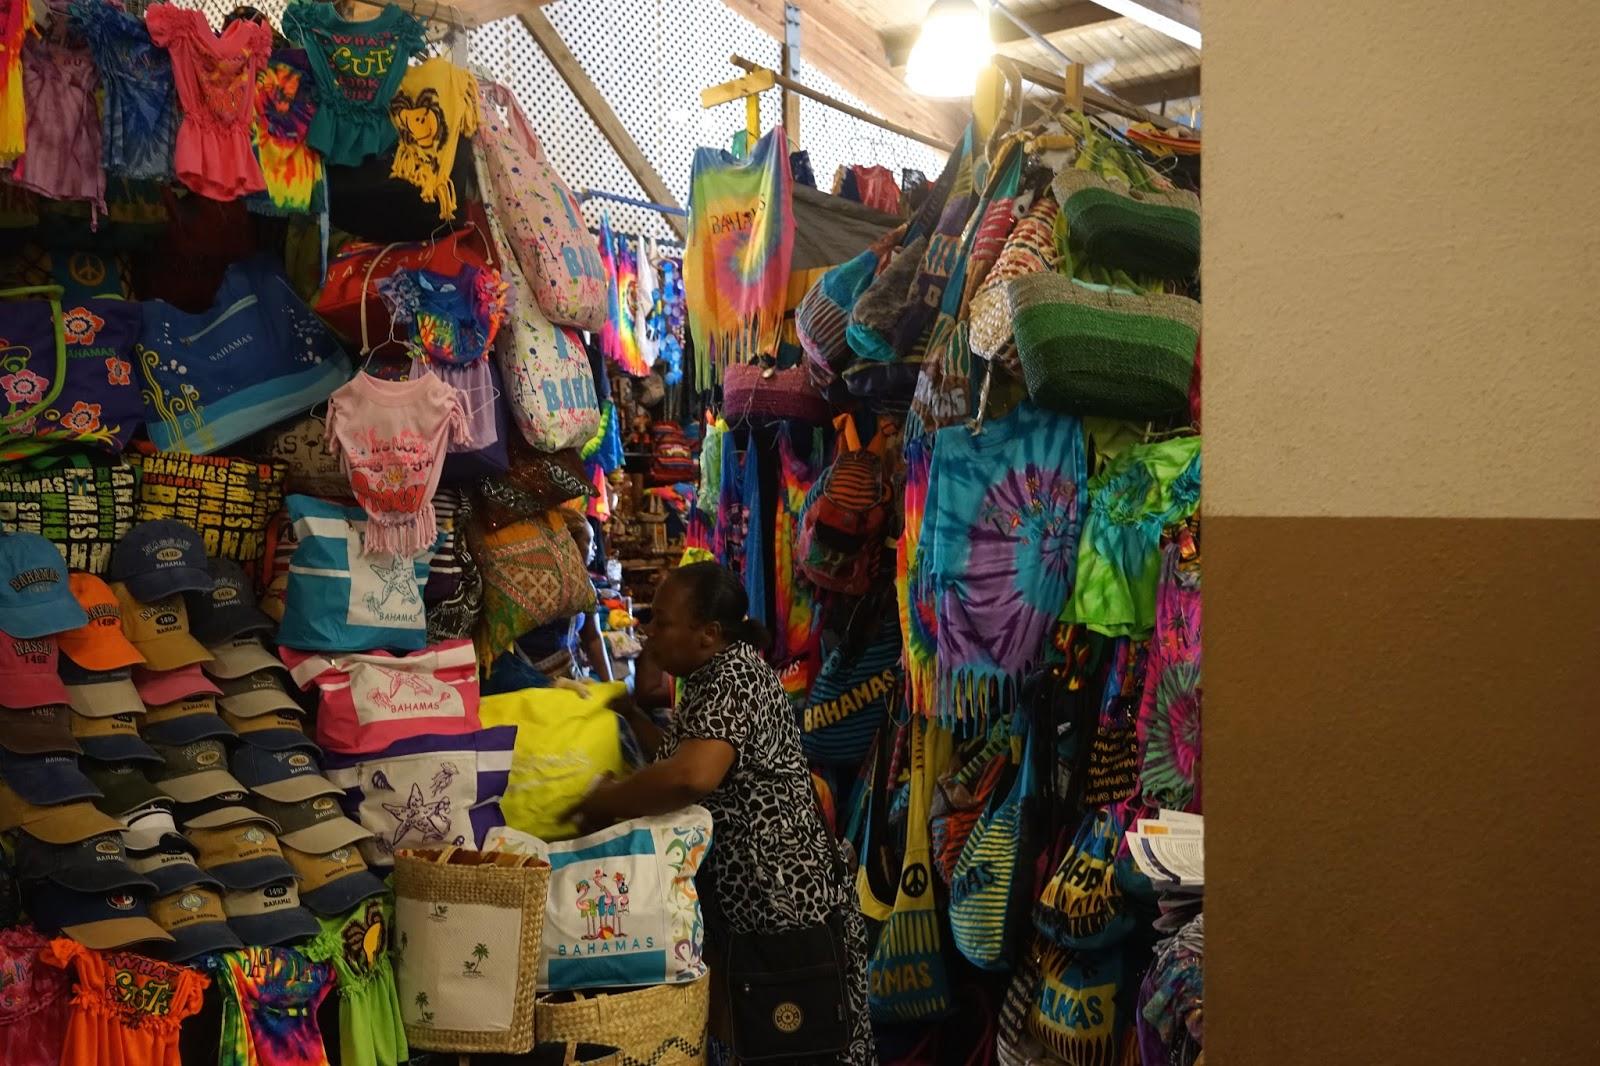 Nassau straw market